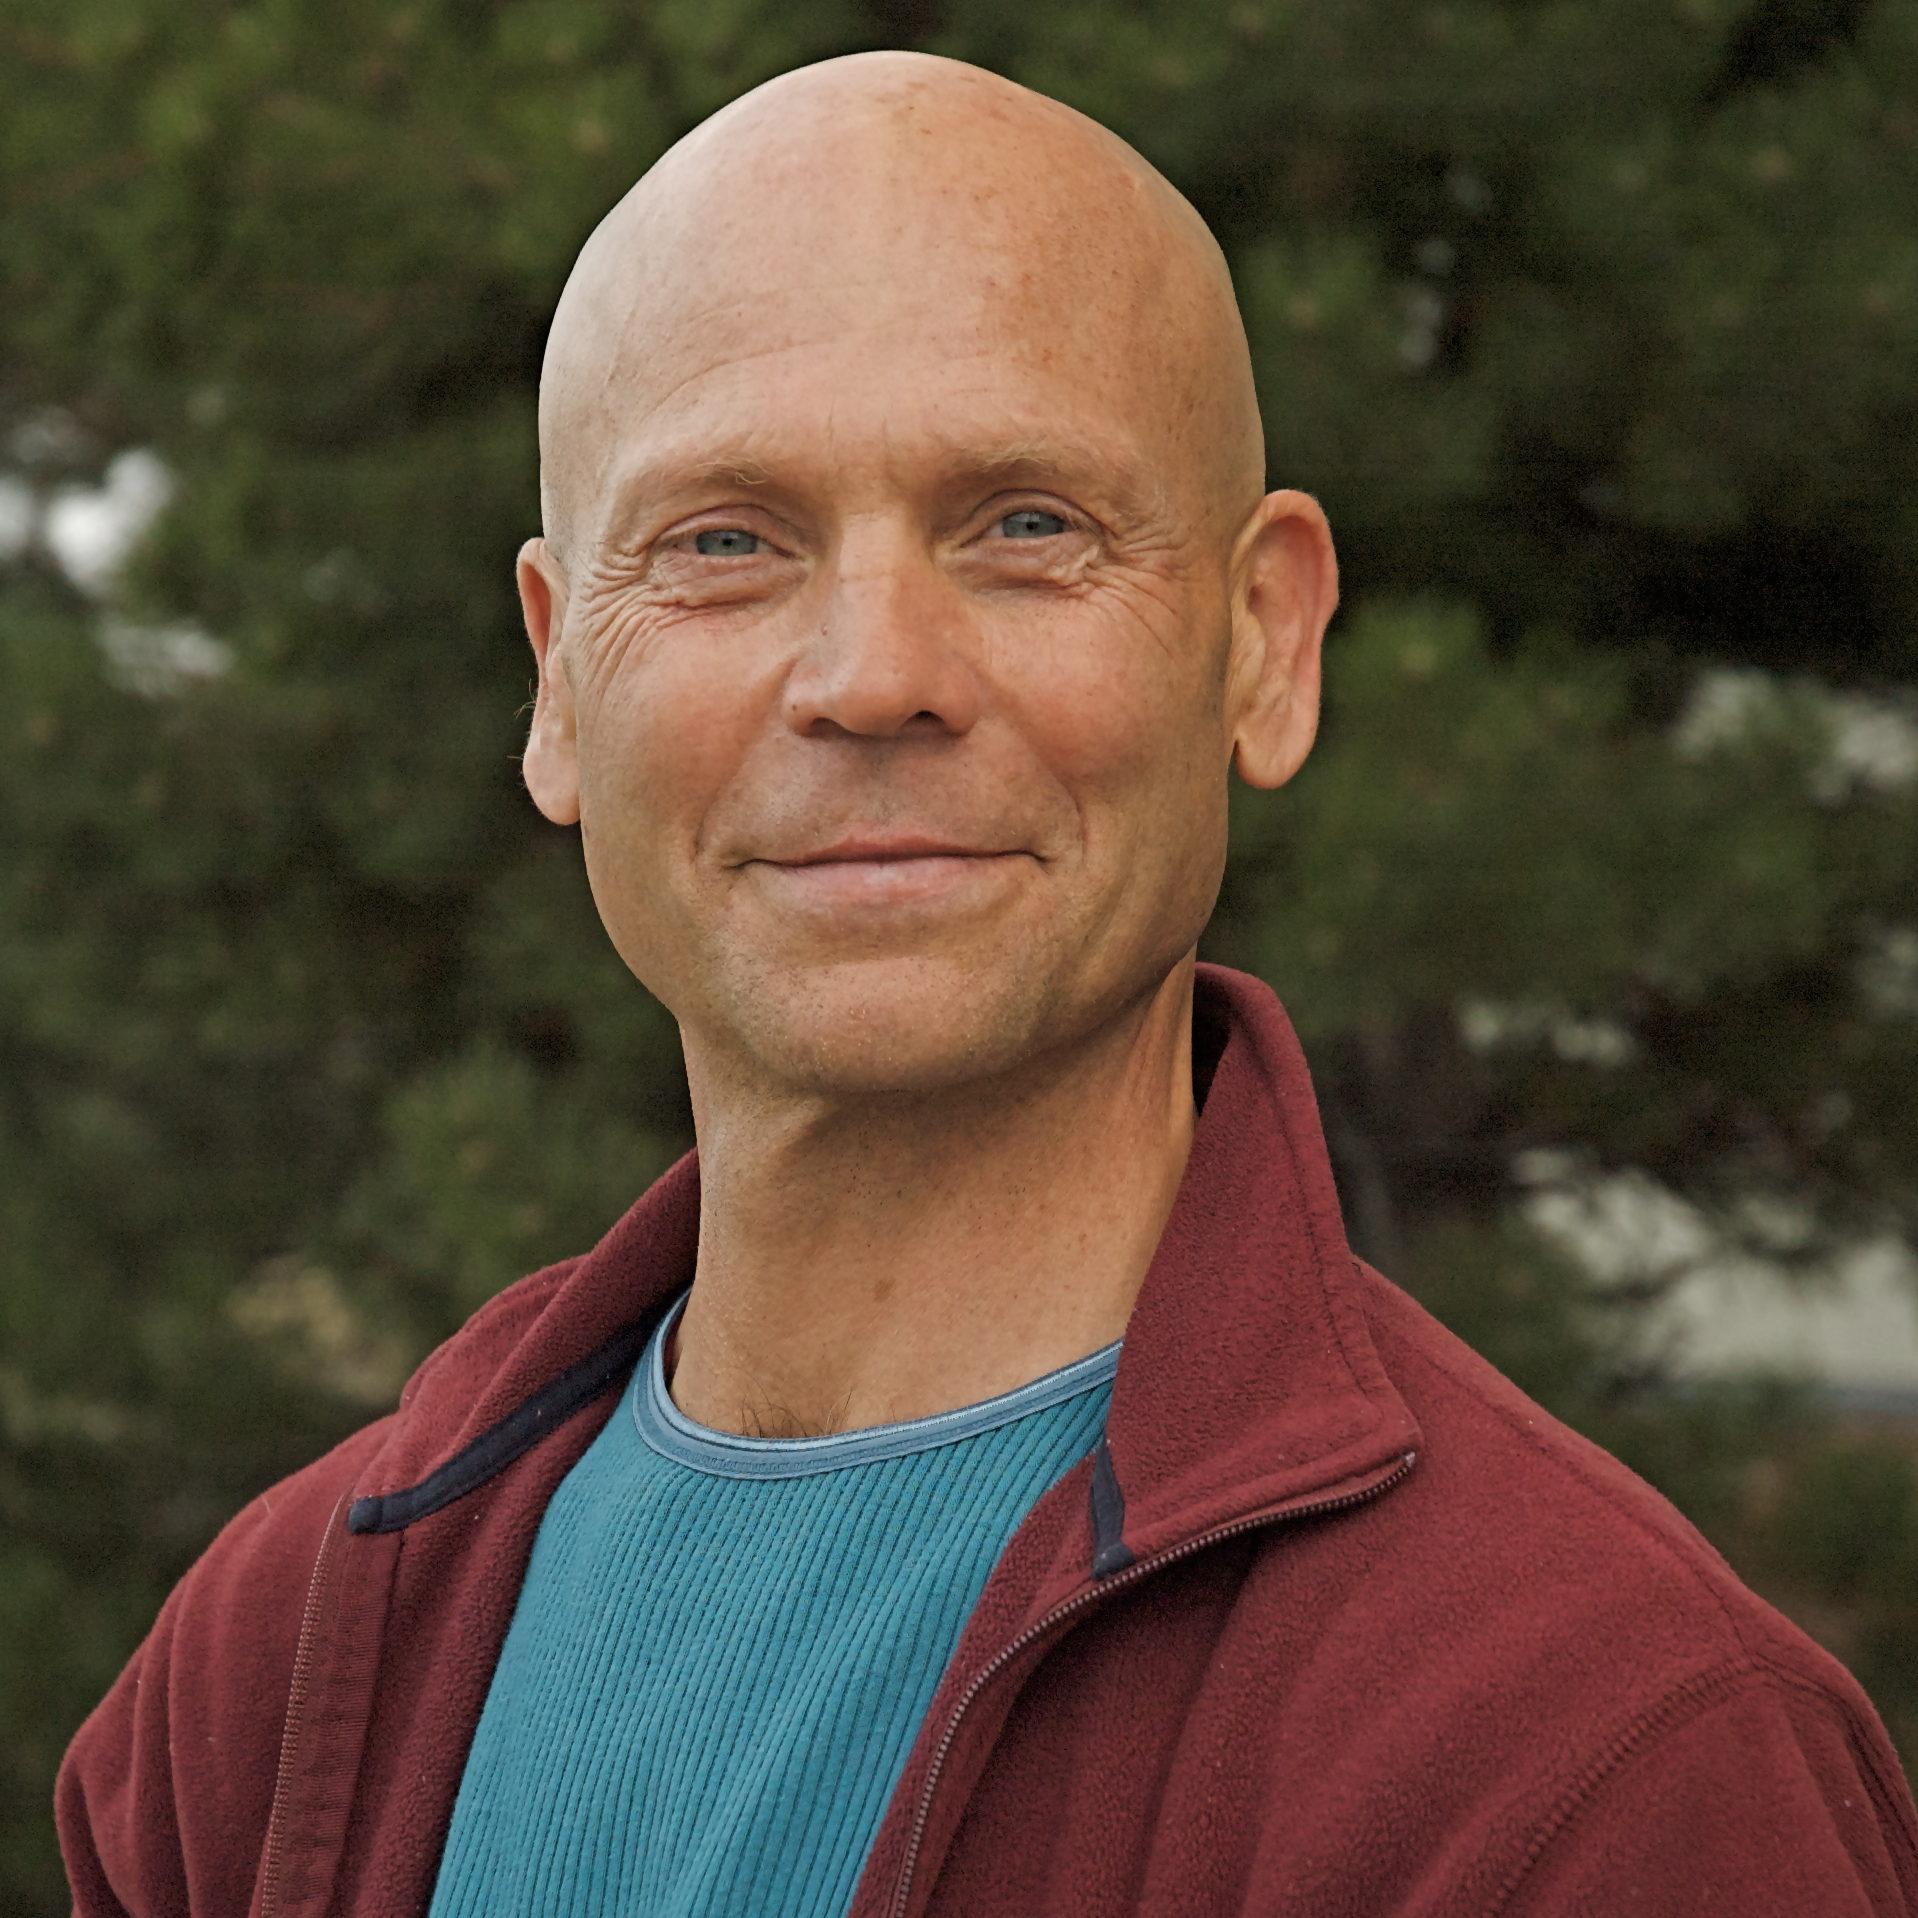 Greg outdoor